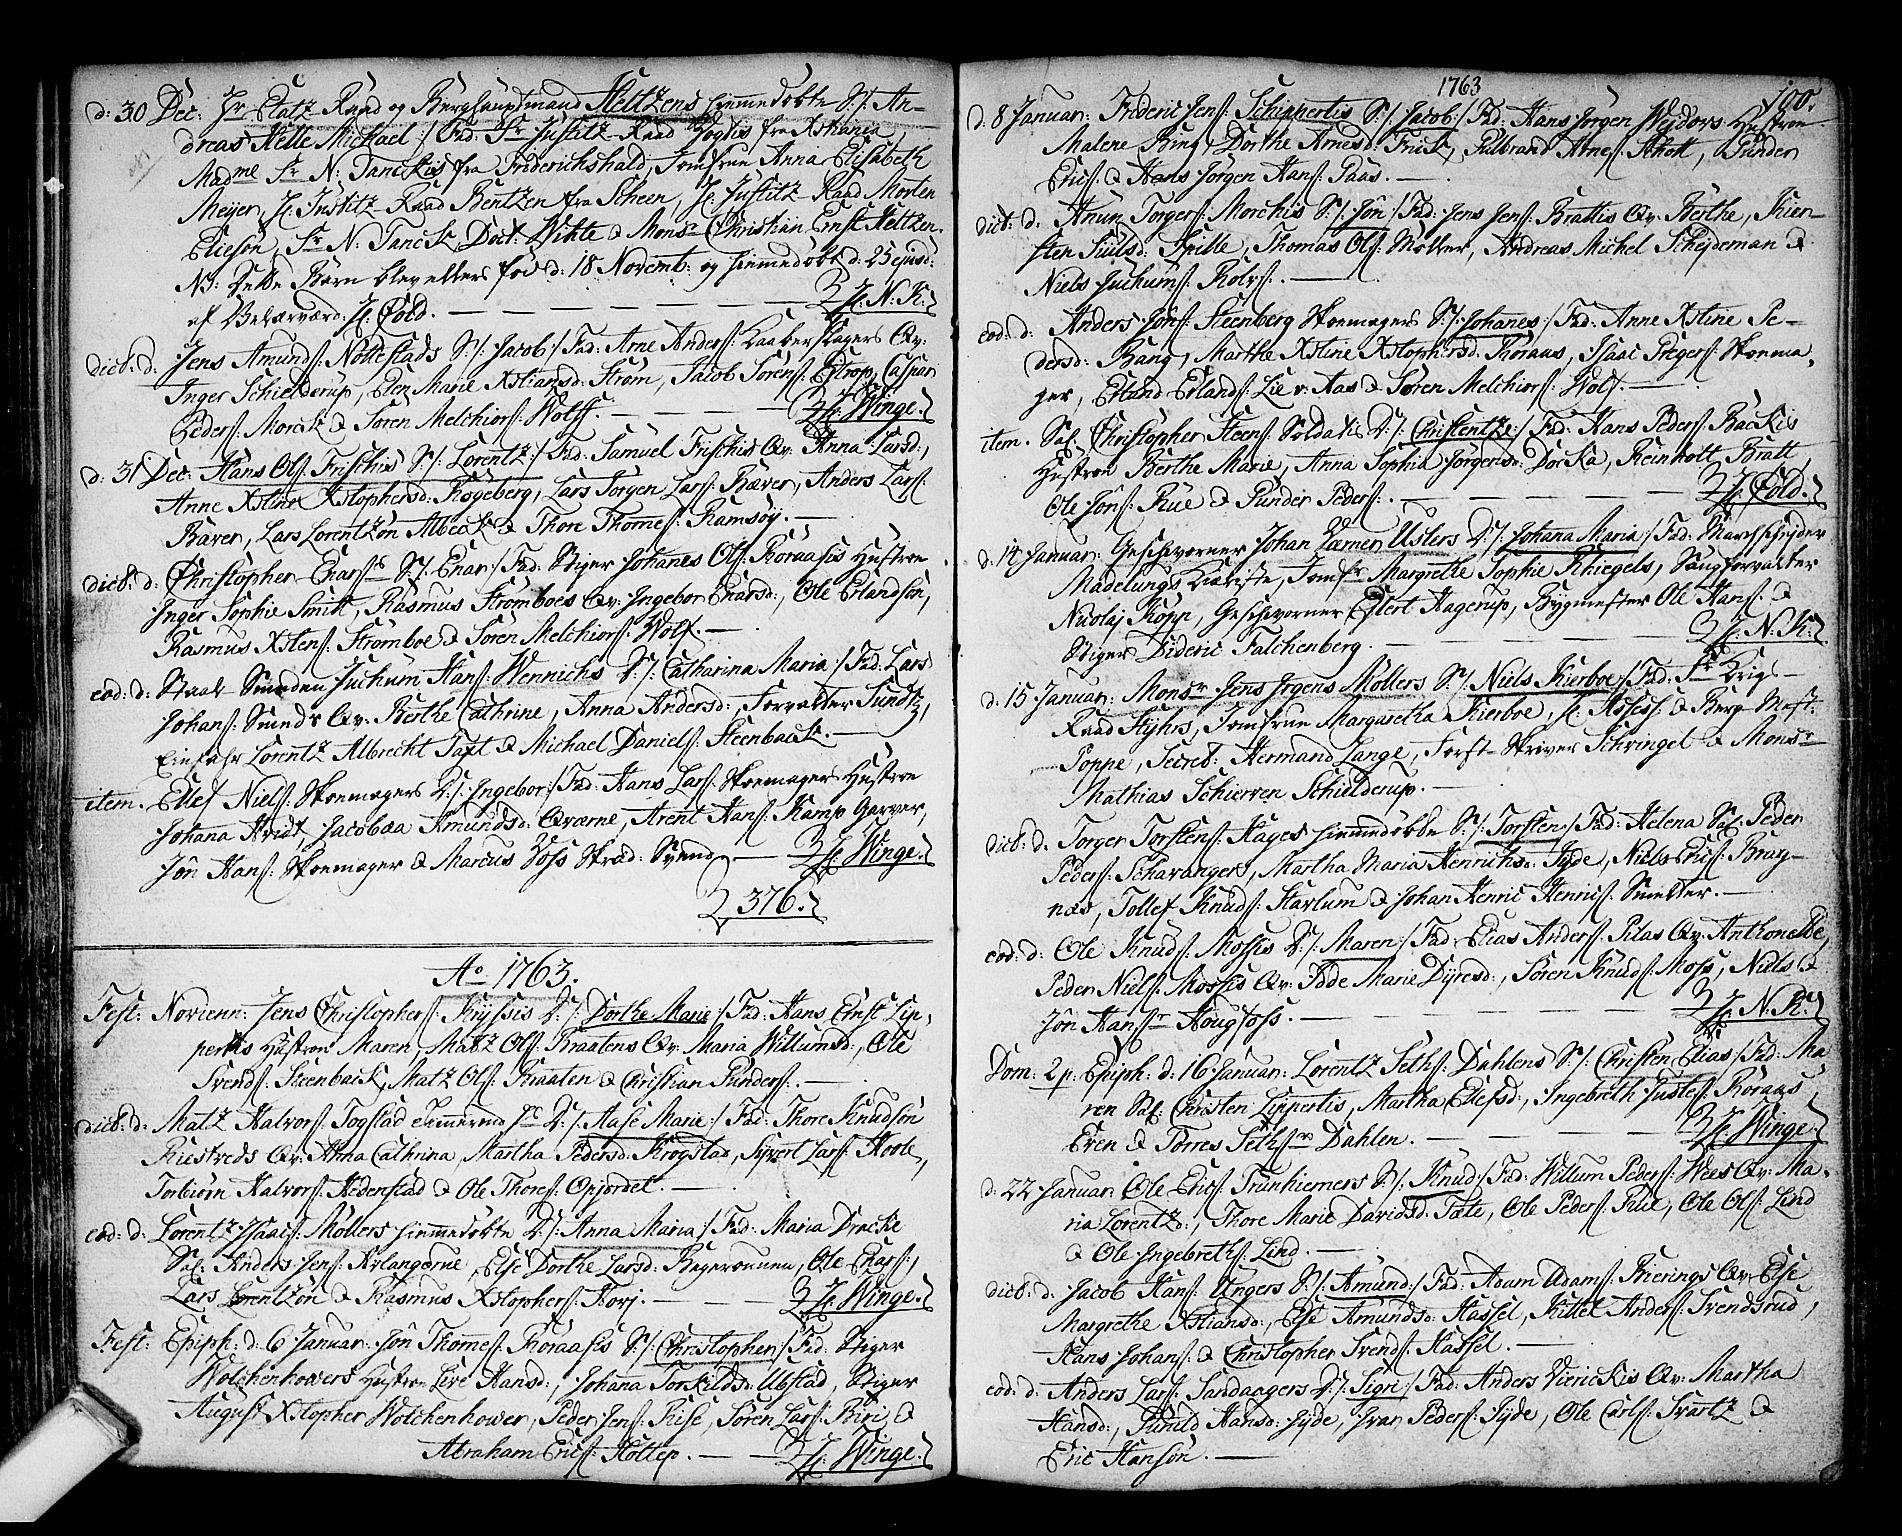 SAKO, Kongsberg kirkebøker, F/Fa/L0004: Ministerialbok nr. I 4, 1756-1768, s. 100